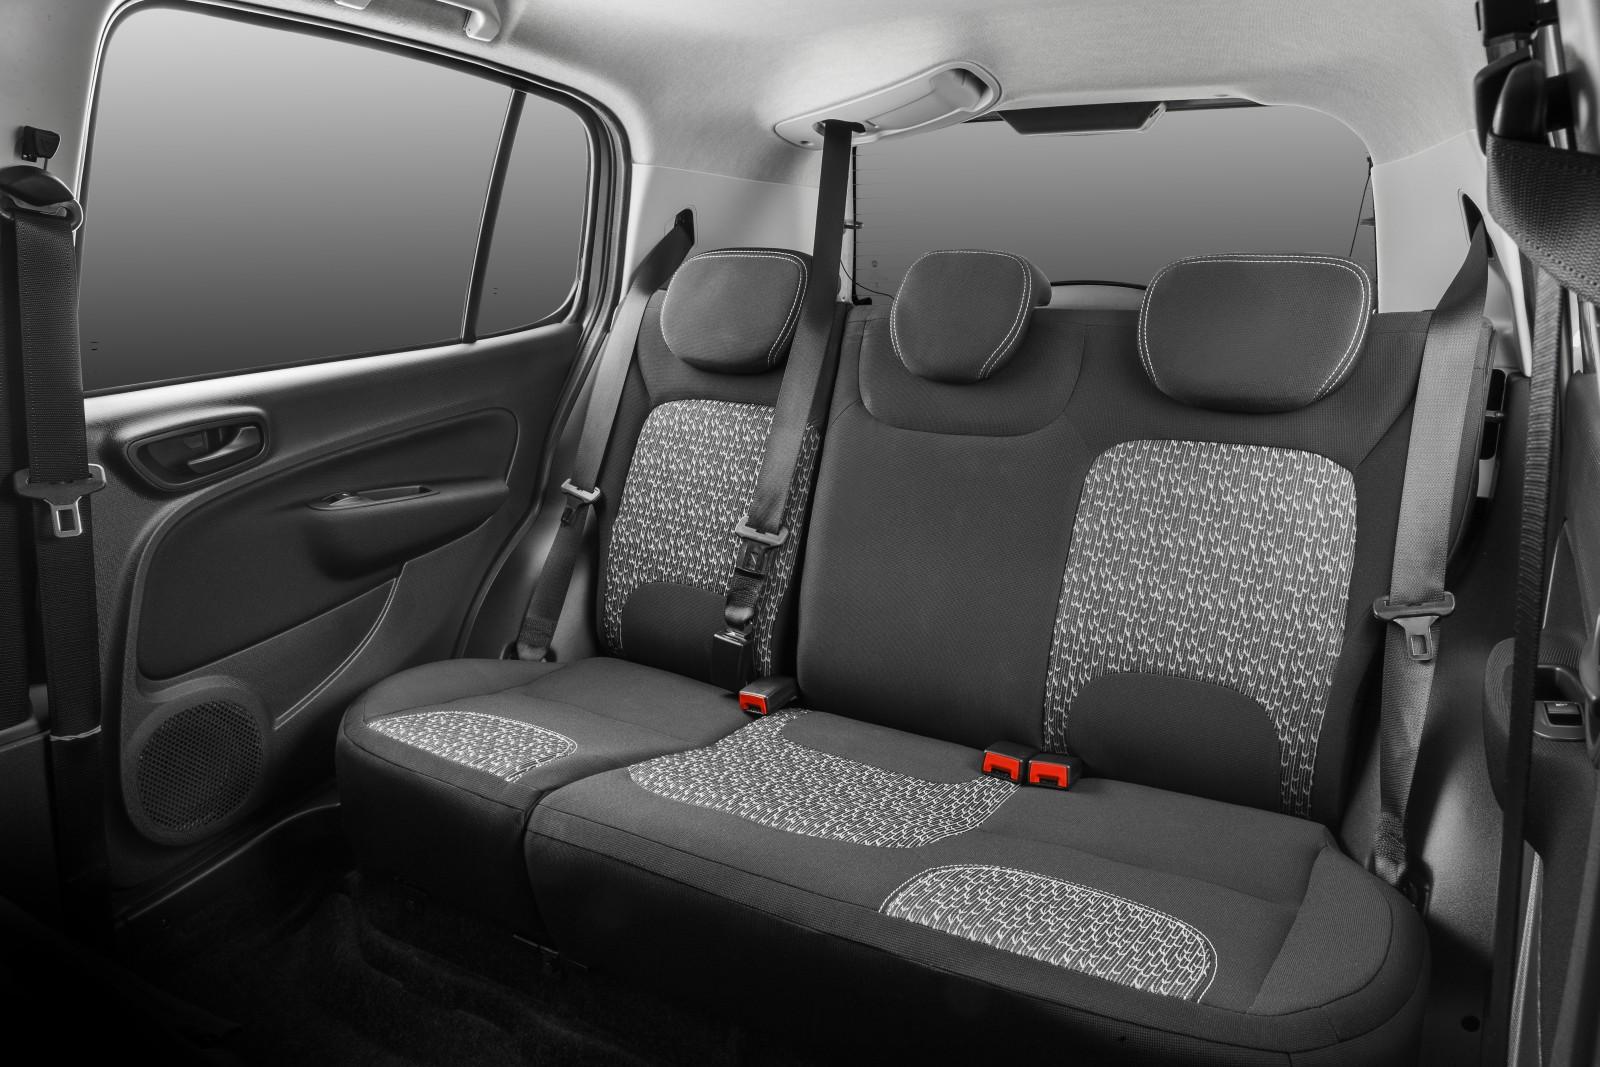 2017 Fiat Uno Ozellikleri Ve Fiyati Aciklandi 2016 09 19 Galeri Sayfa 2 Yenimodelarabalar Com